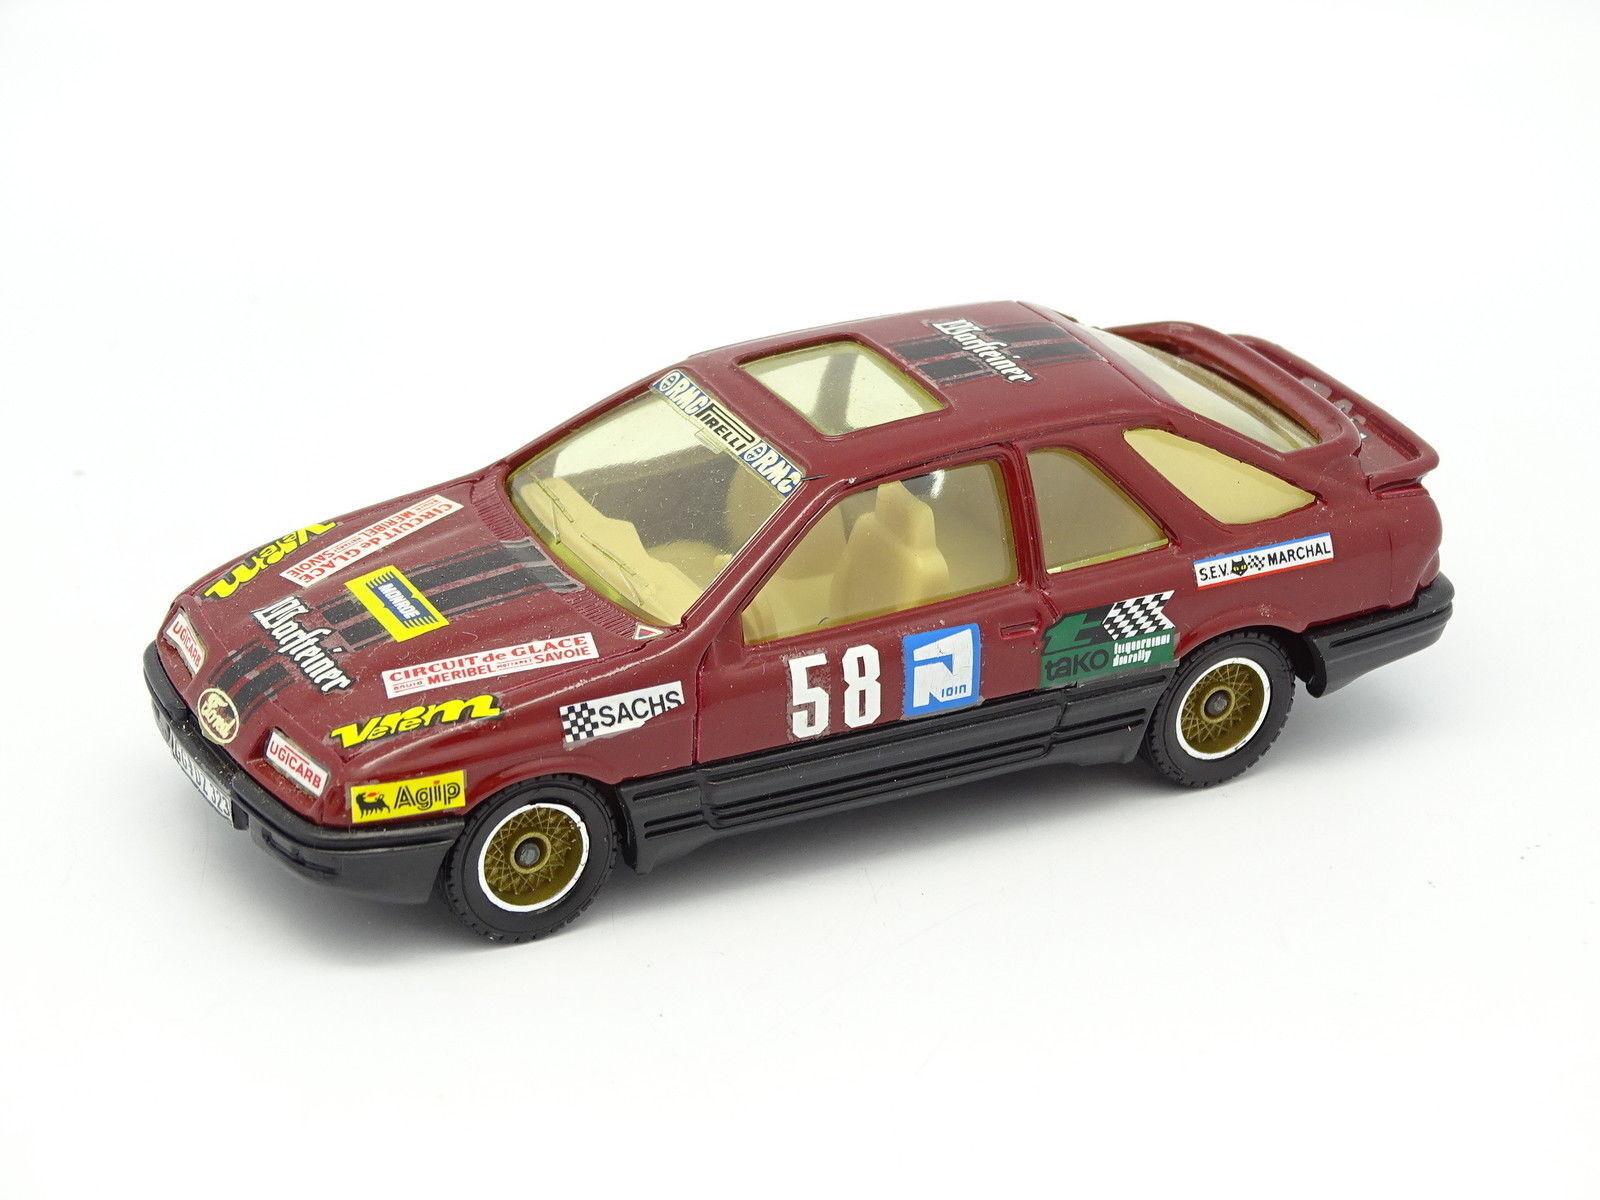 Solido SB 1 43 - Ford Sierra N58